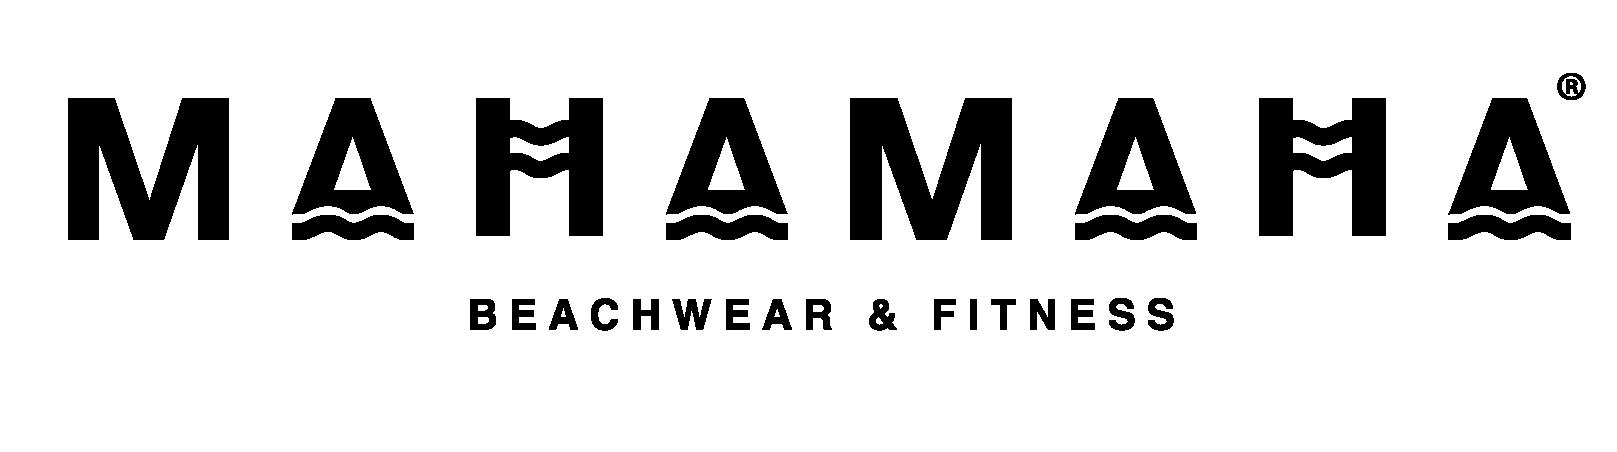 Mahamaha